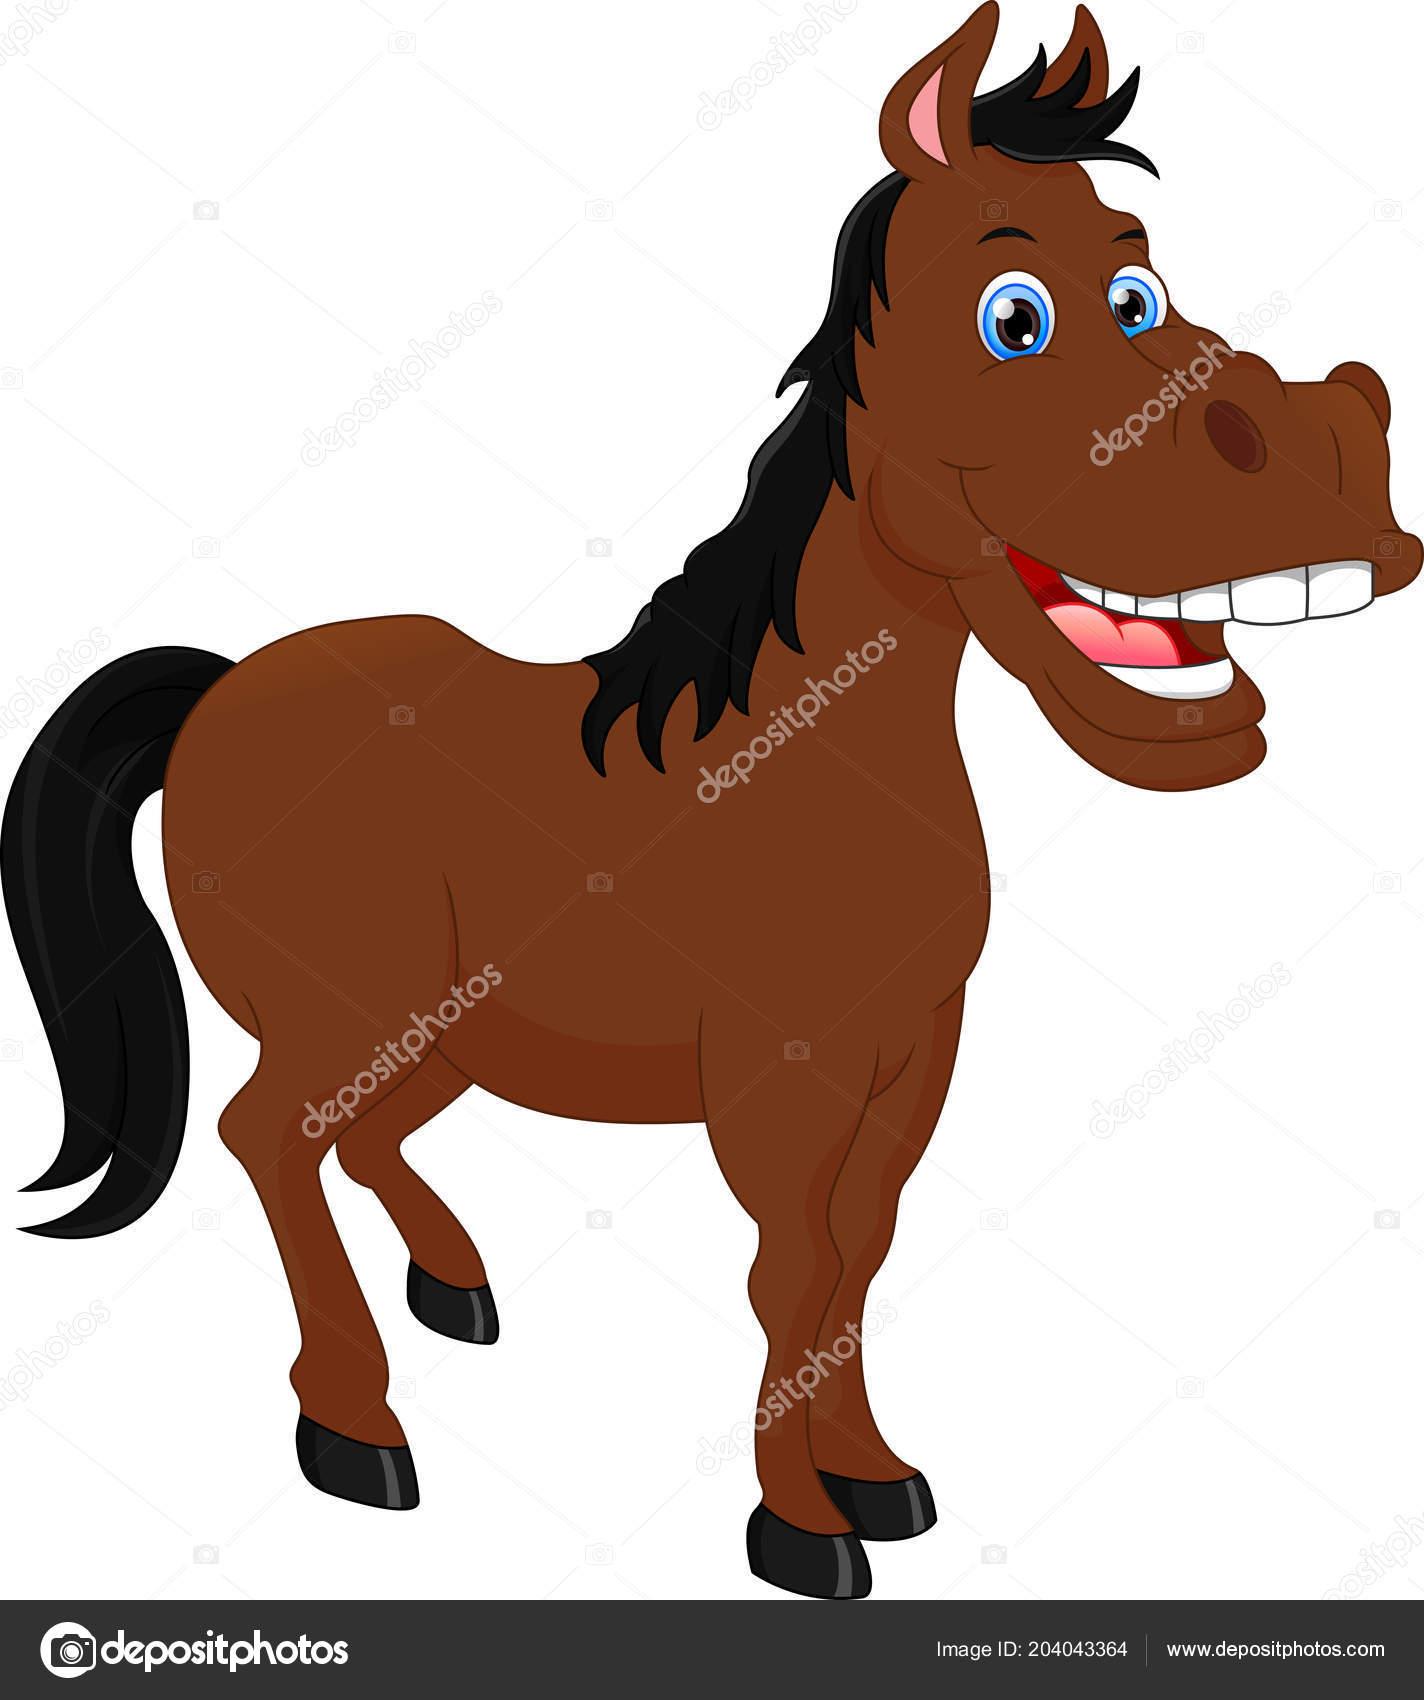 Cute Horse Cartoon Vector Illustration Stock Vector C Lawangdesign 204043364